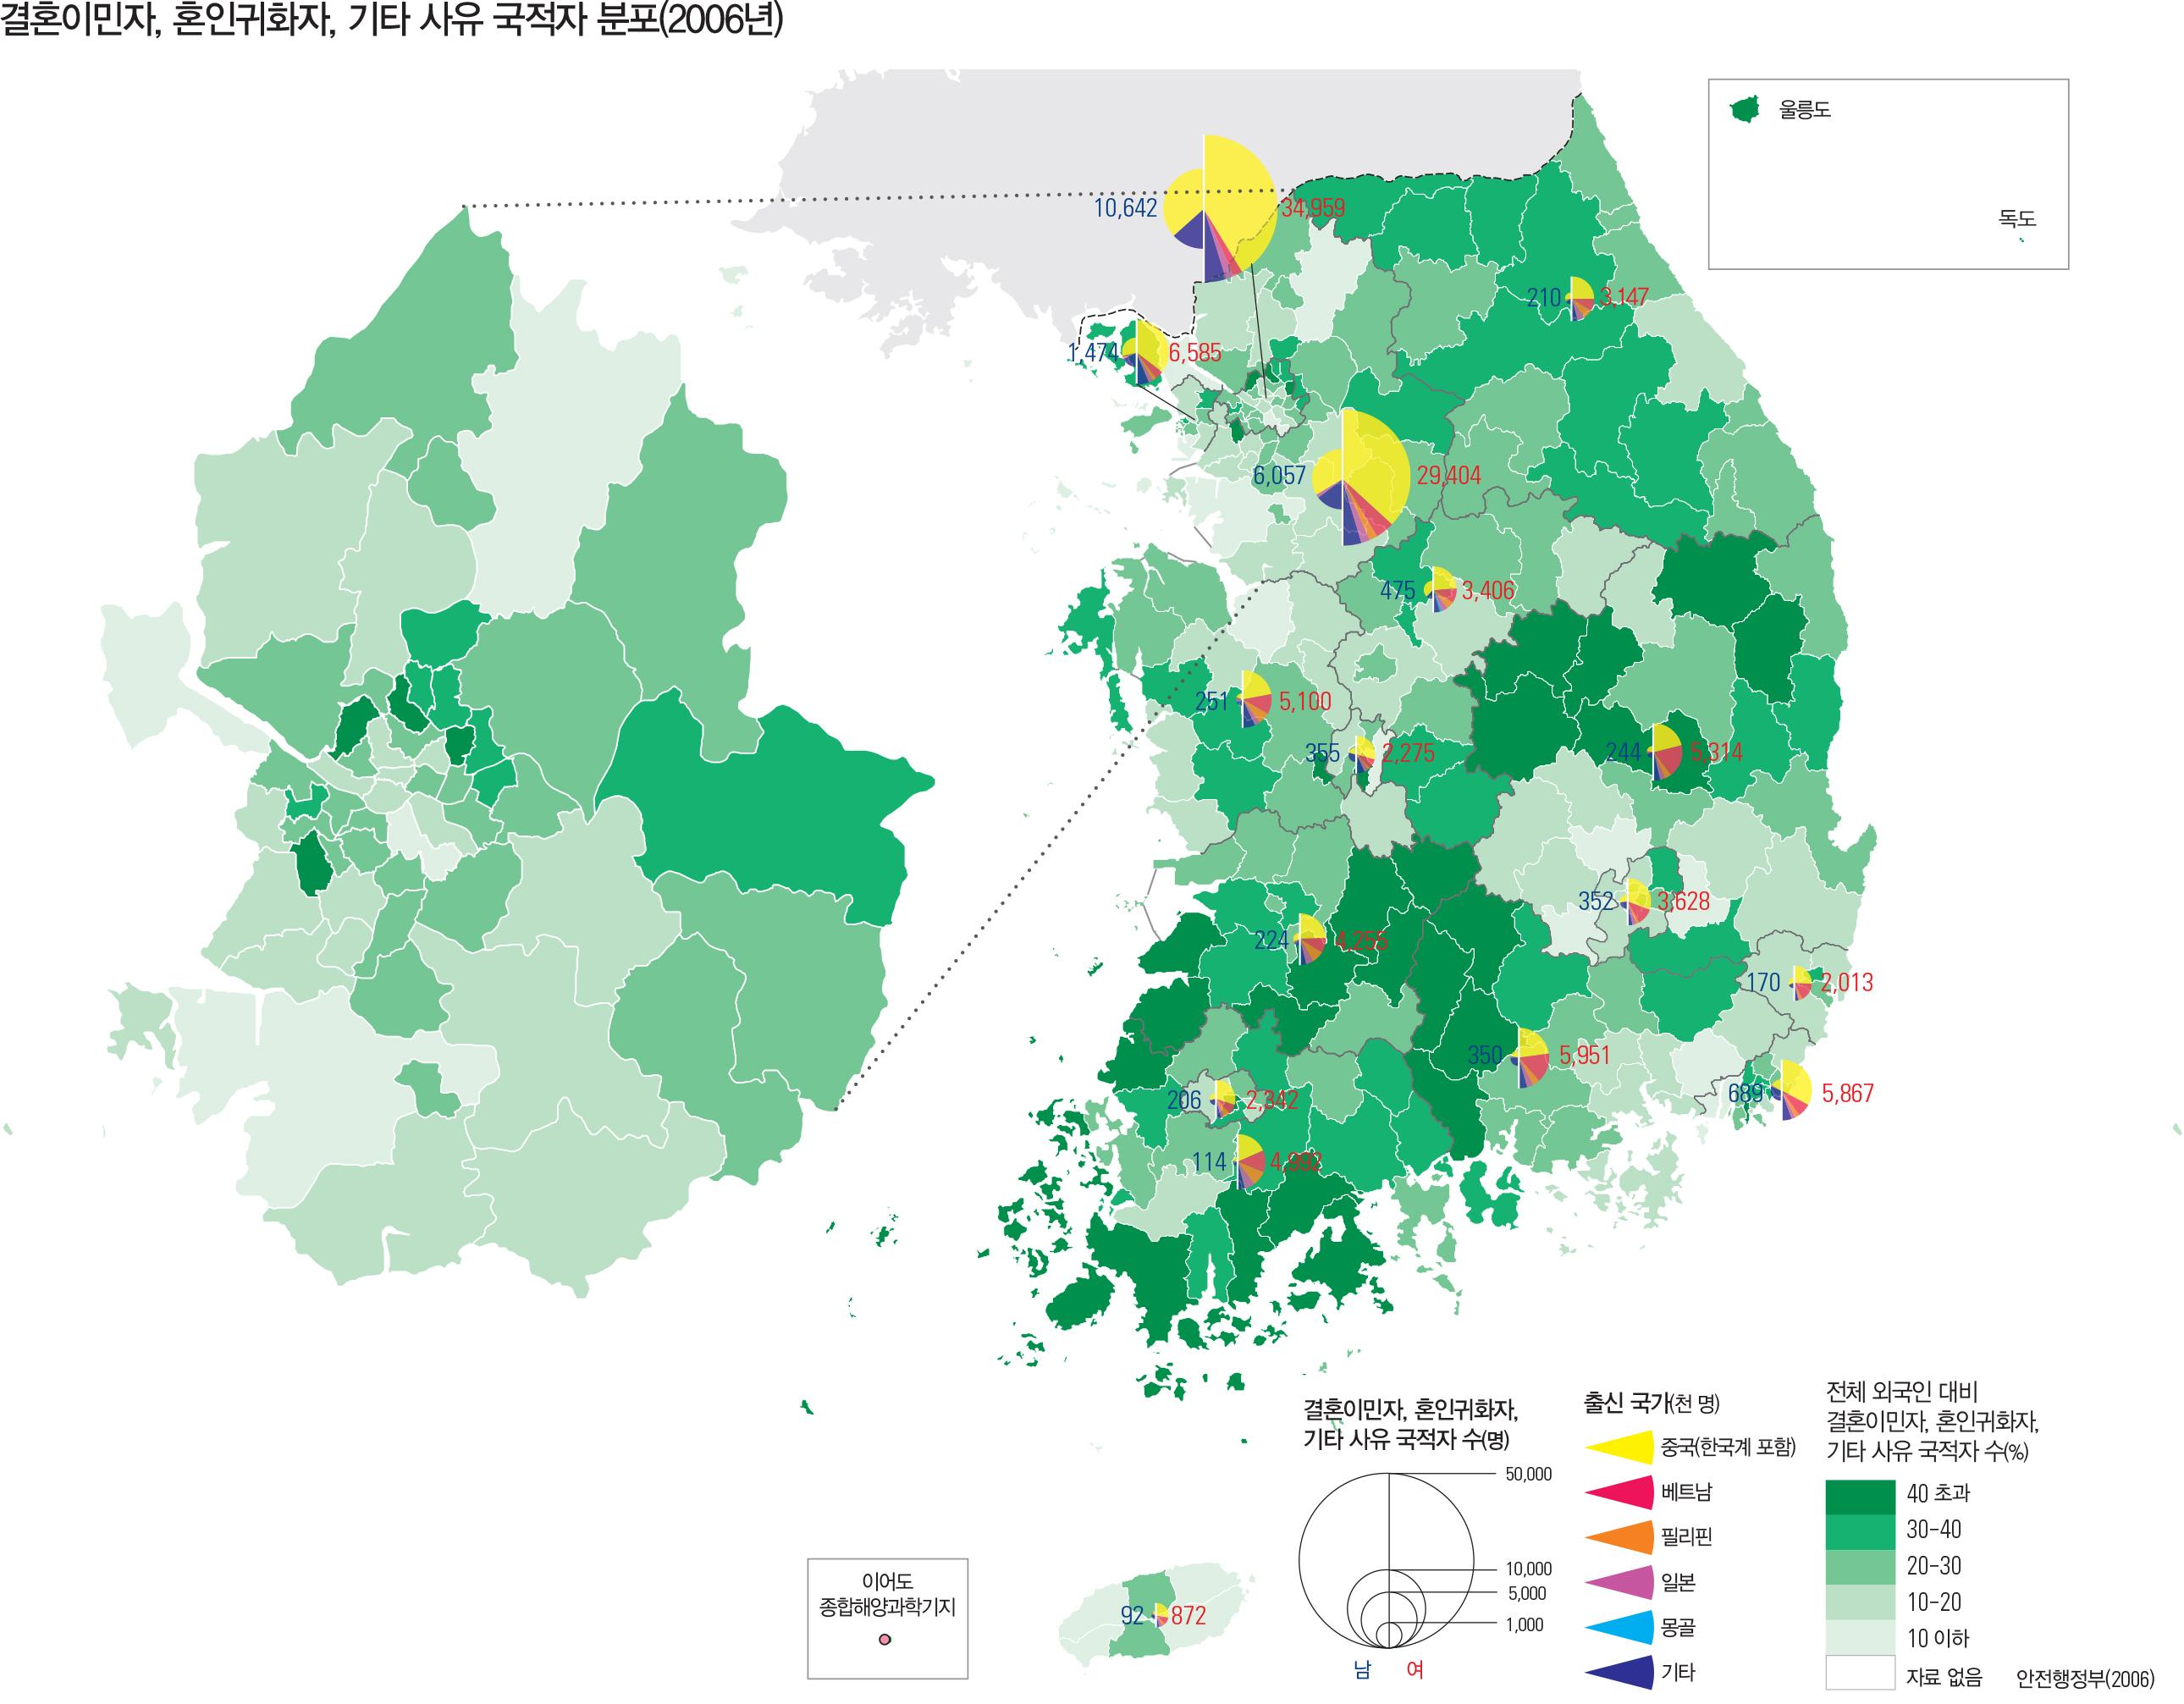 결혼이민자, 혼인귀화자, 기타 사유 국적자 분포(2006년)